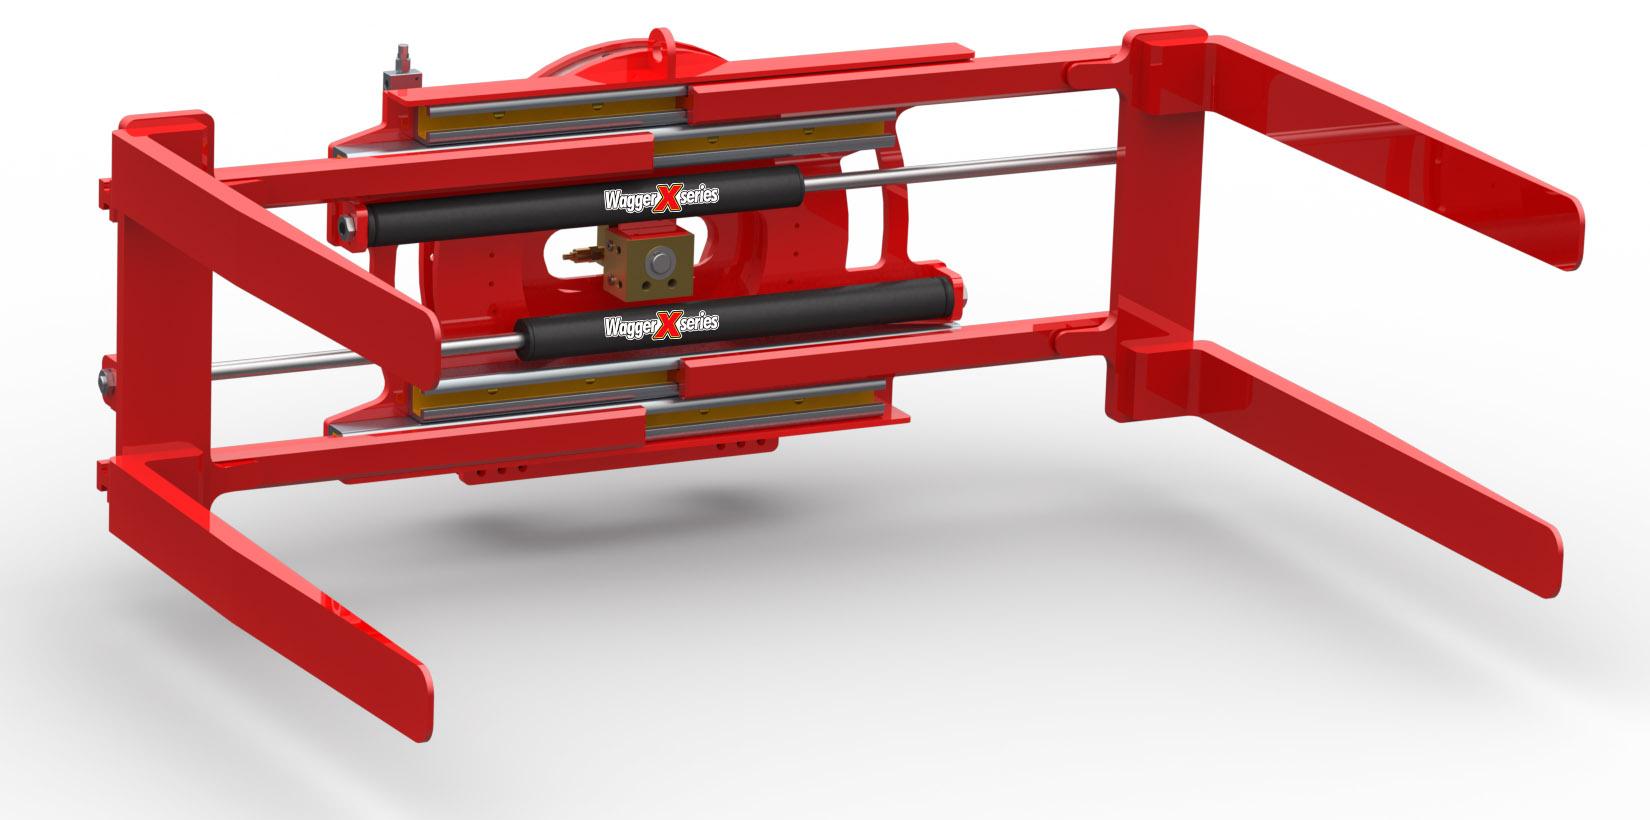 360° Rotating Pallet Inverter